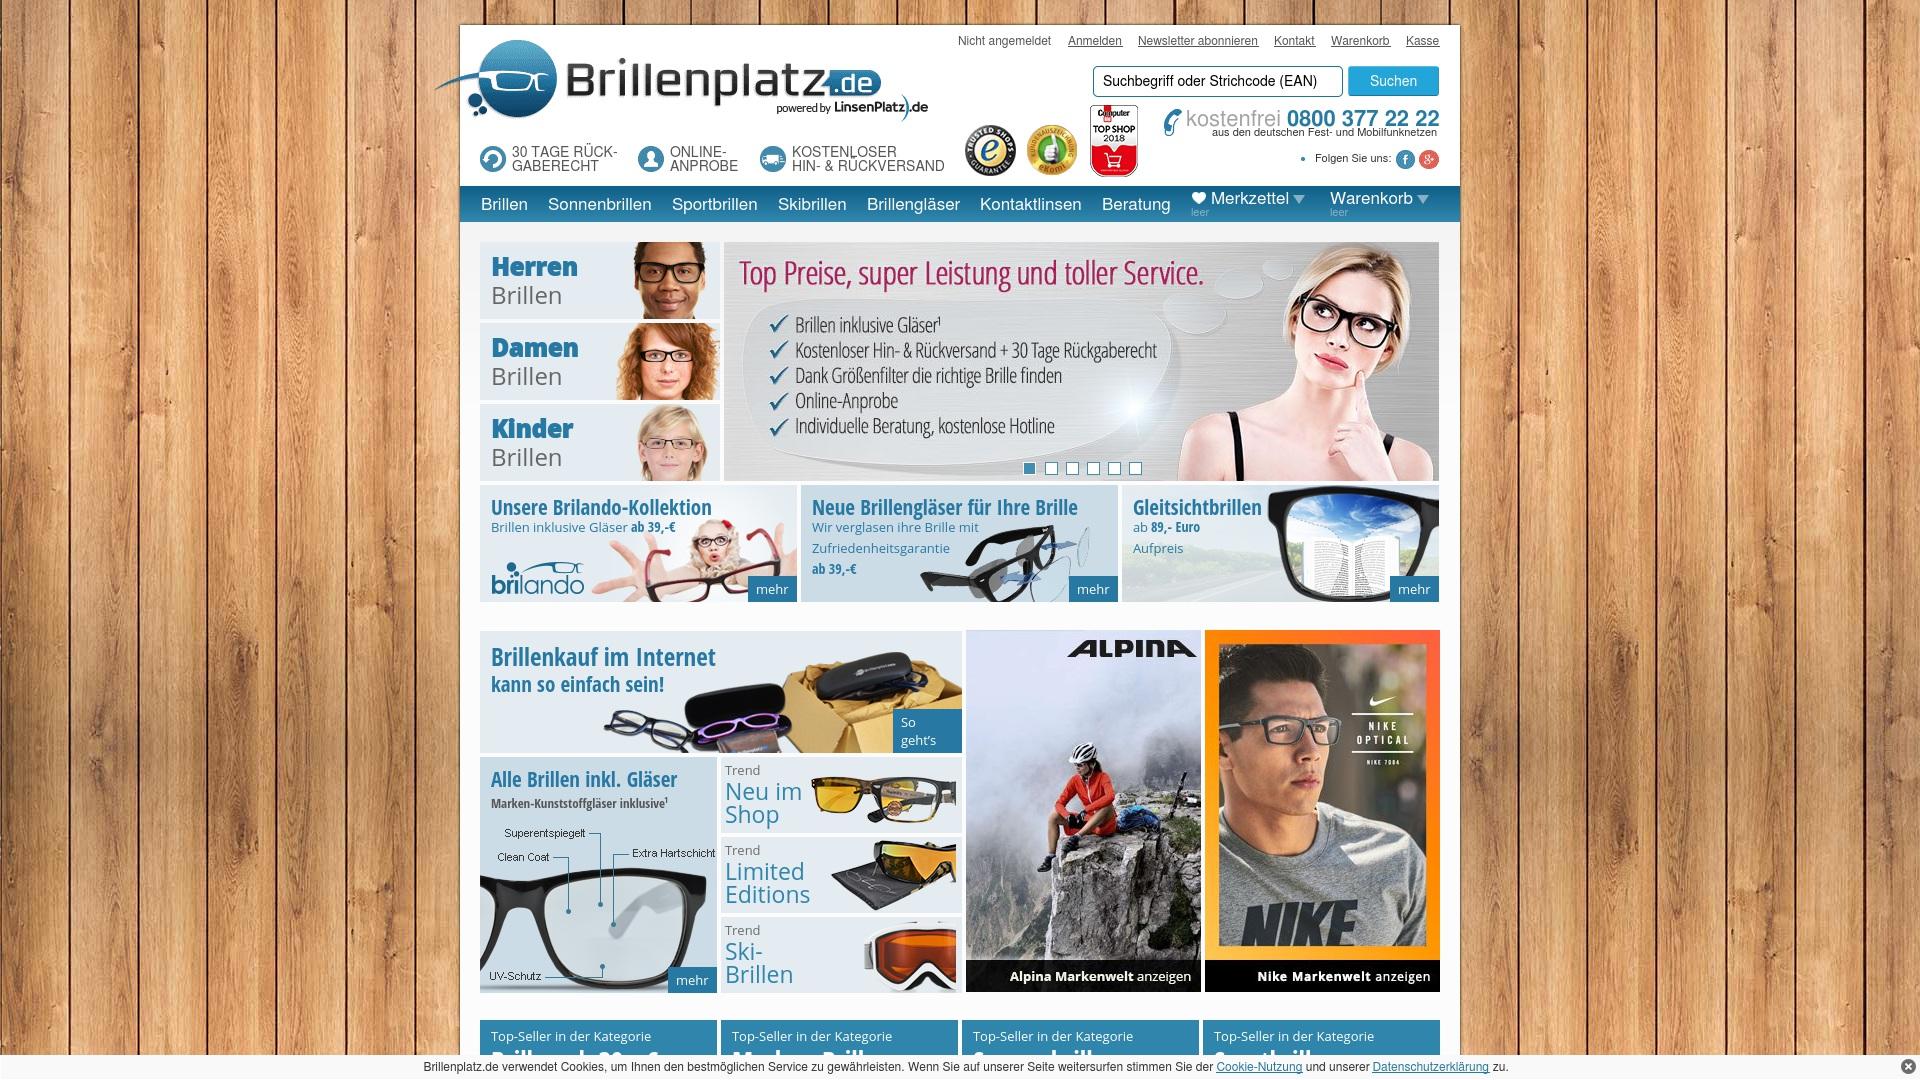 Geld zurück bei Brillenplatz: Jetzt im April 2021 Cashback für Brillenplatz sichern